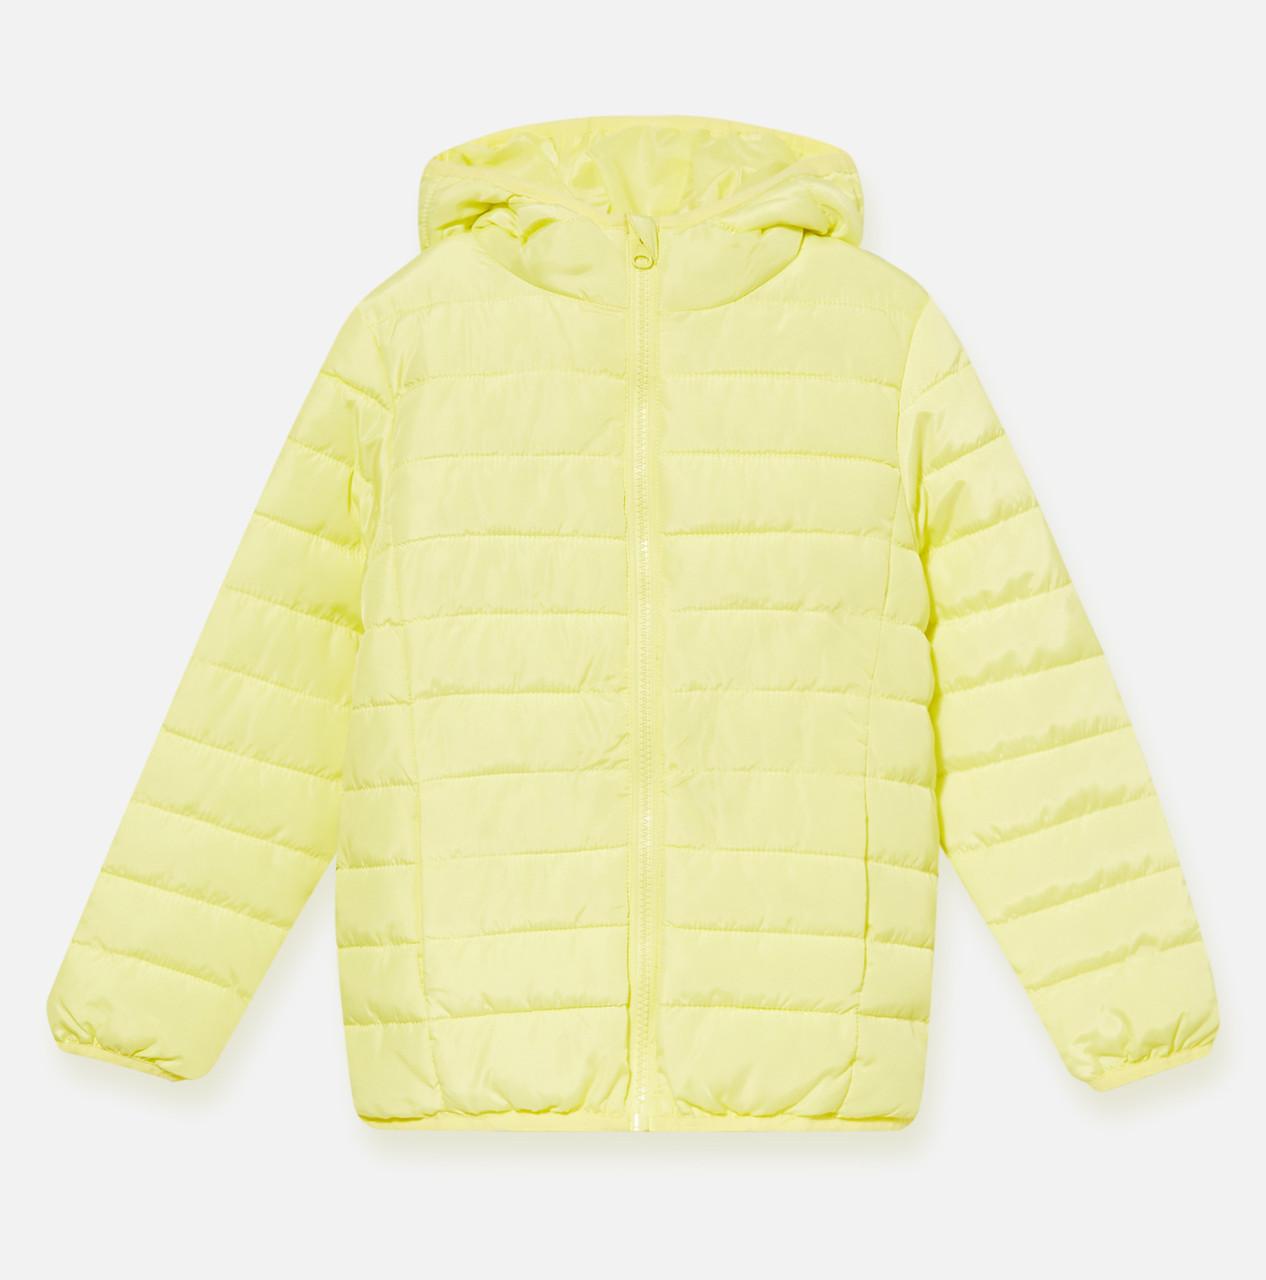 Желтая куртка для девочки Sinsay Польша Размер 122